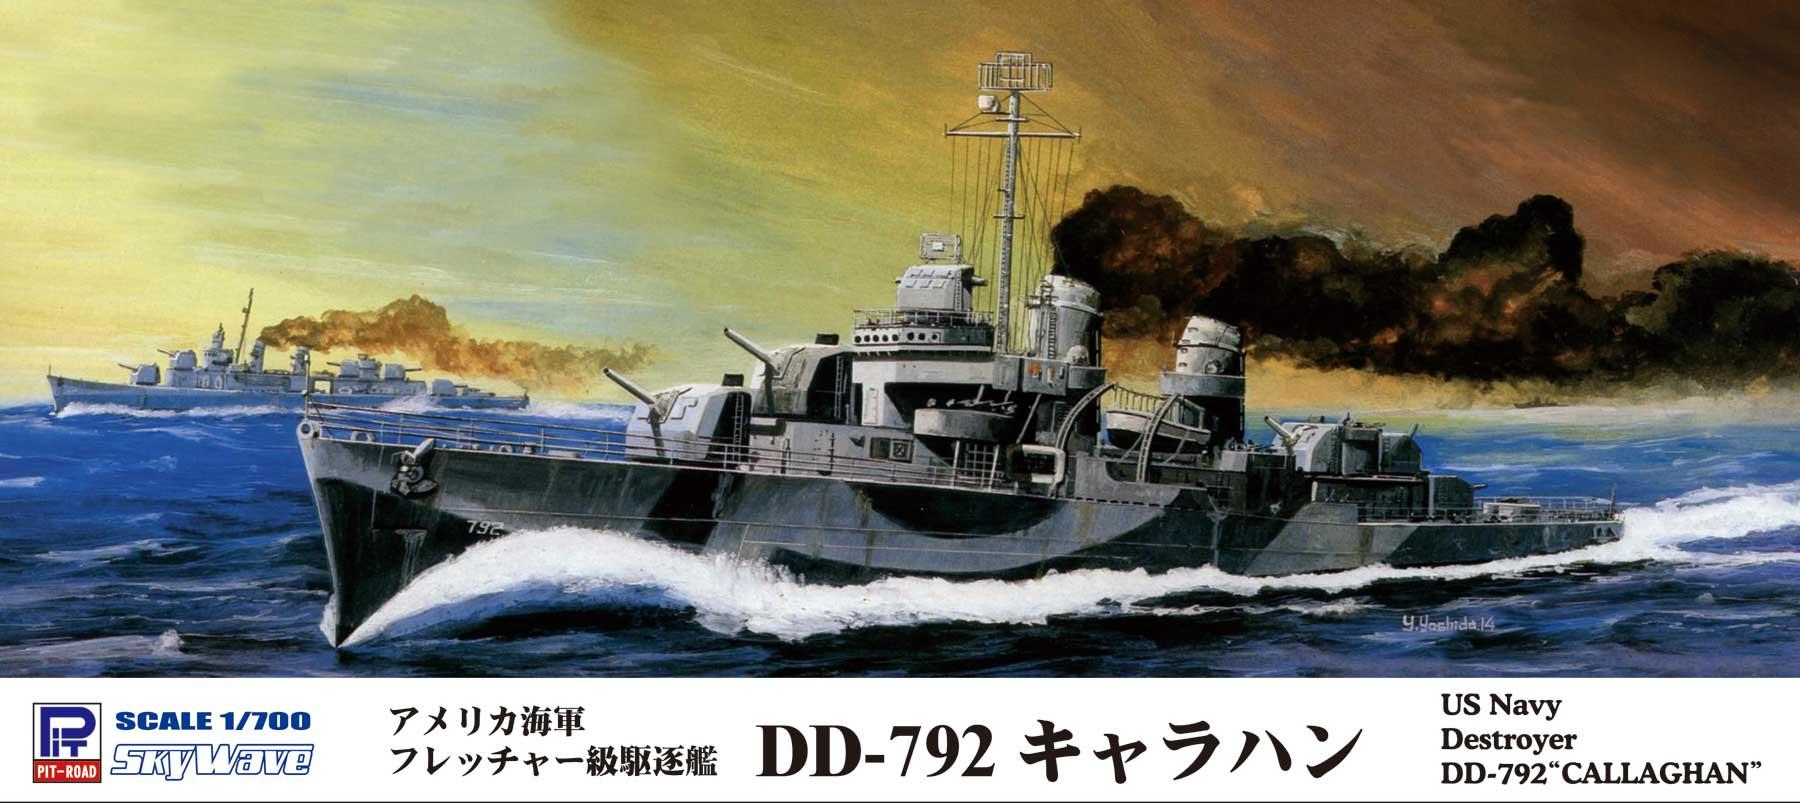 W224E 1/700 アメリカ海軍 フレッチャー級駆逐艦 DD-792 キャラハン エッチングパーツ付き